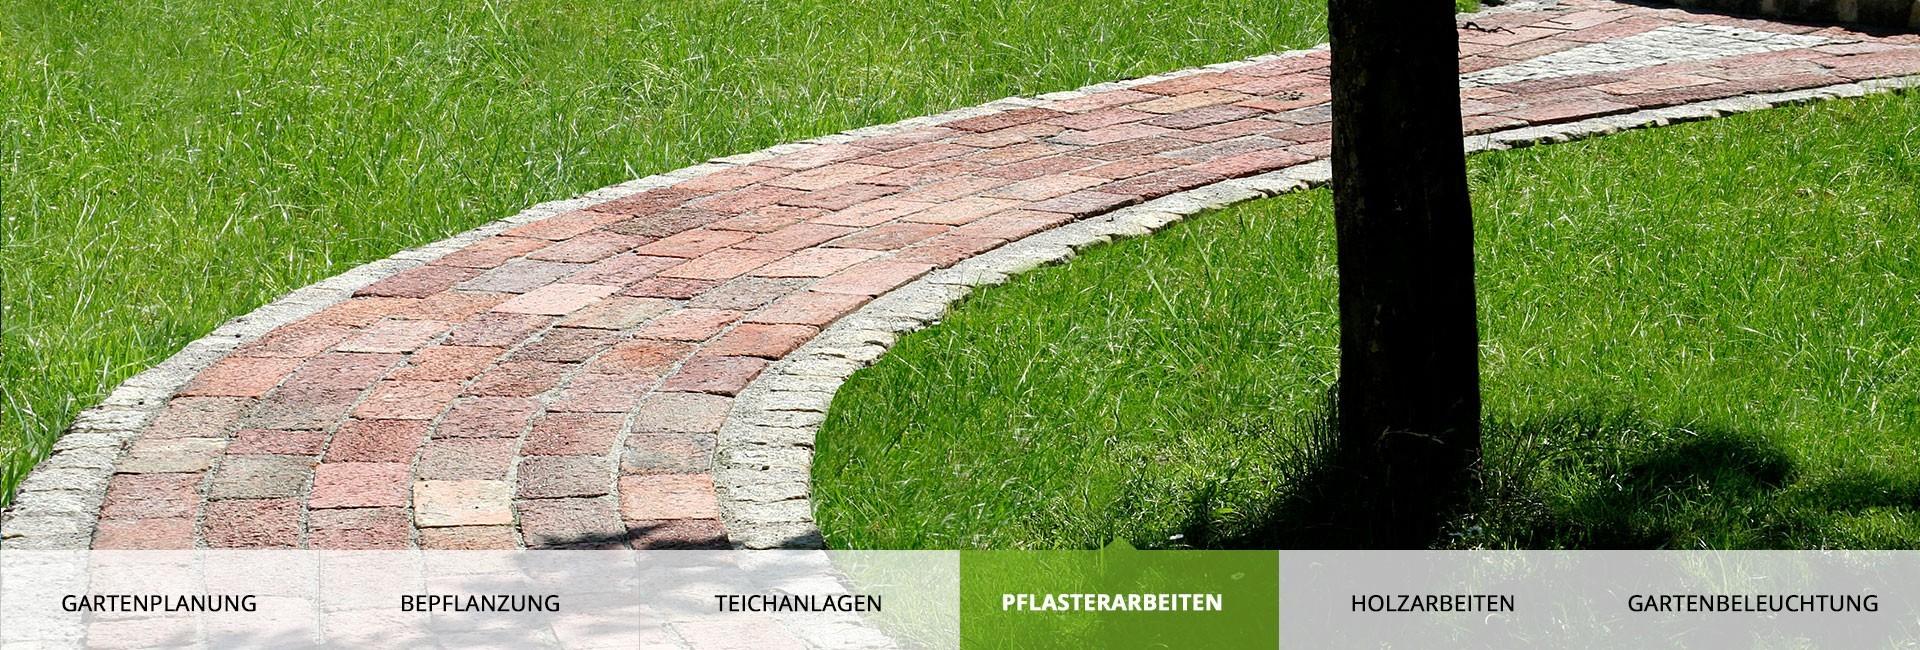 Traum Garten Wegener In Diepholz Pflasterarbeiten Traum Garten